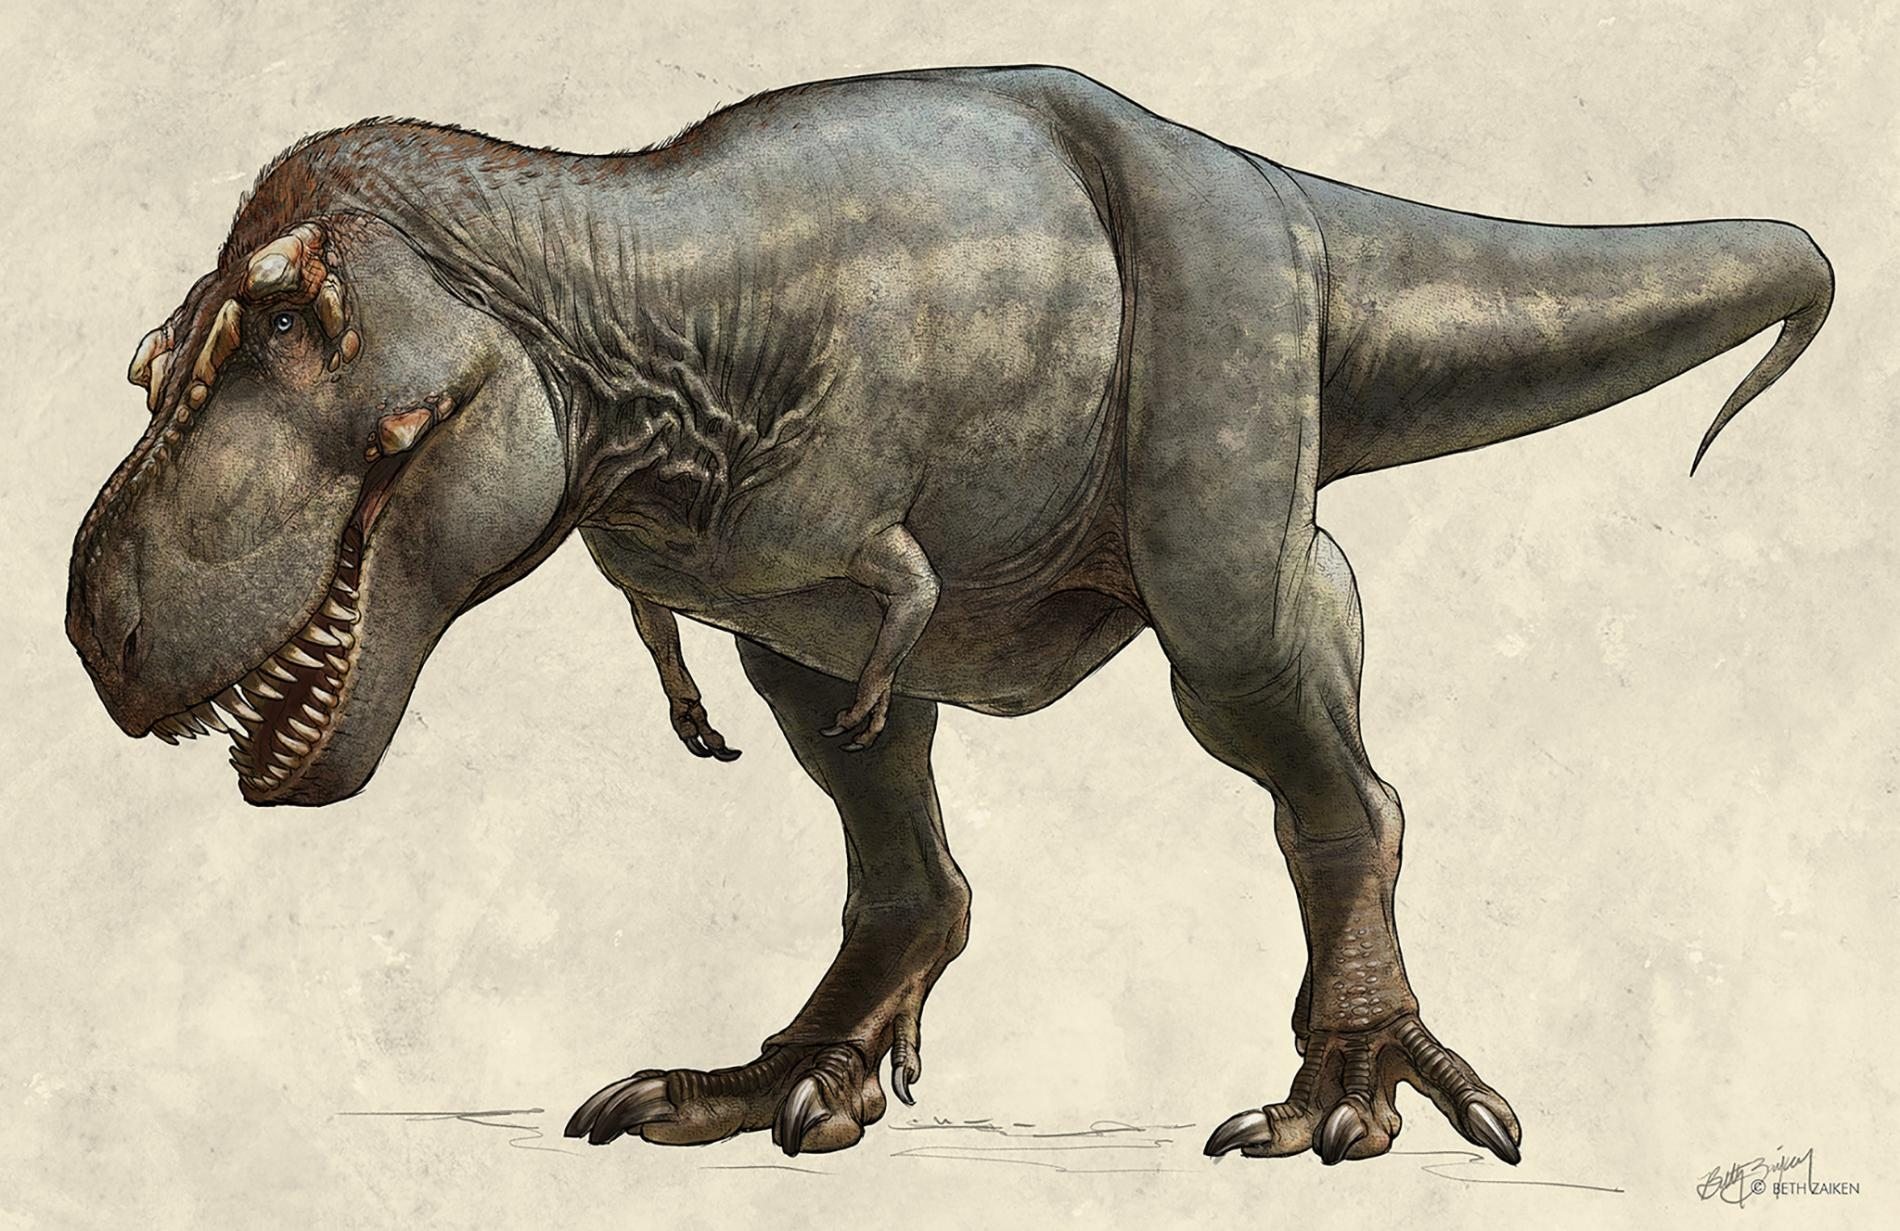 這隻1991年出土的霸王龍(Tyrannosaurus rex)標本又名「史寇提」(Scotty),牠在世時可能重達8,800公斤,是已知最大的霸王龍。 ILLUSTRATION BY BETH ZAIKEN, THE ROYAL SASKATCHEWAN MUSEUM